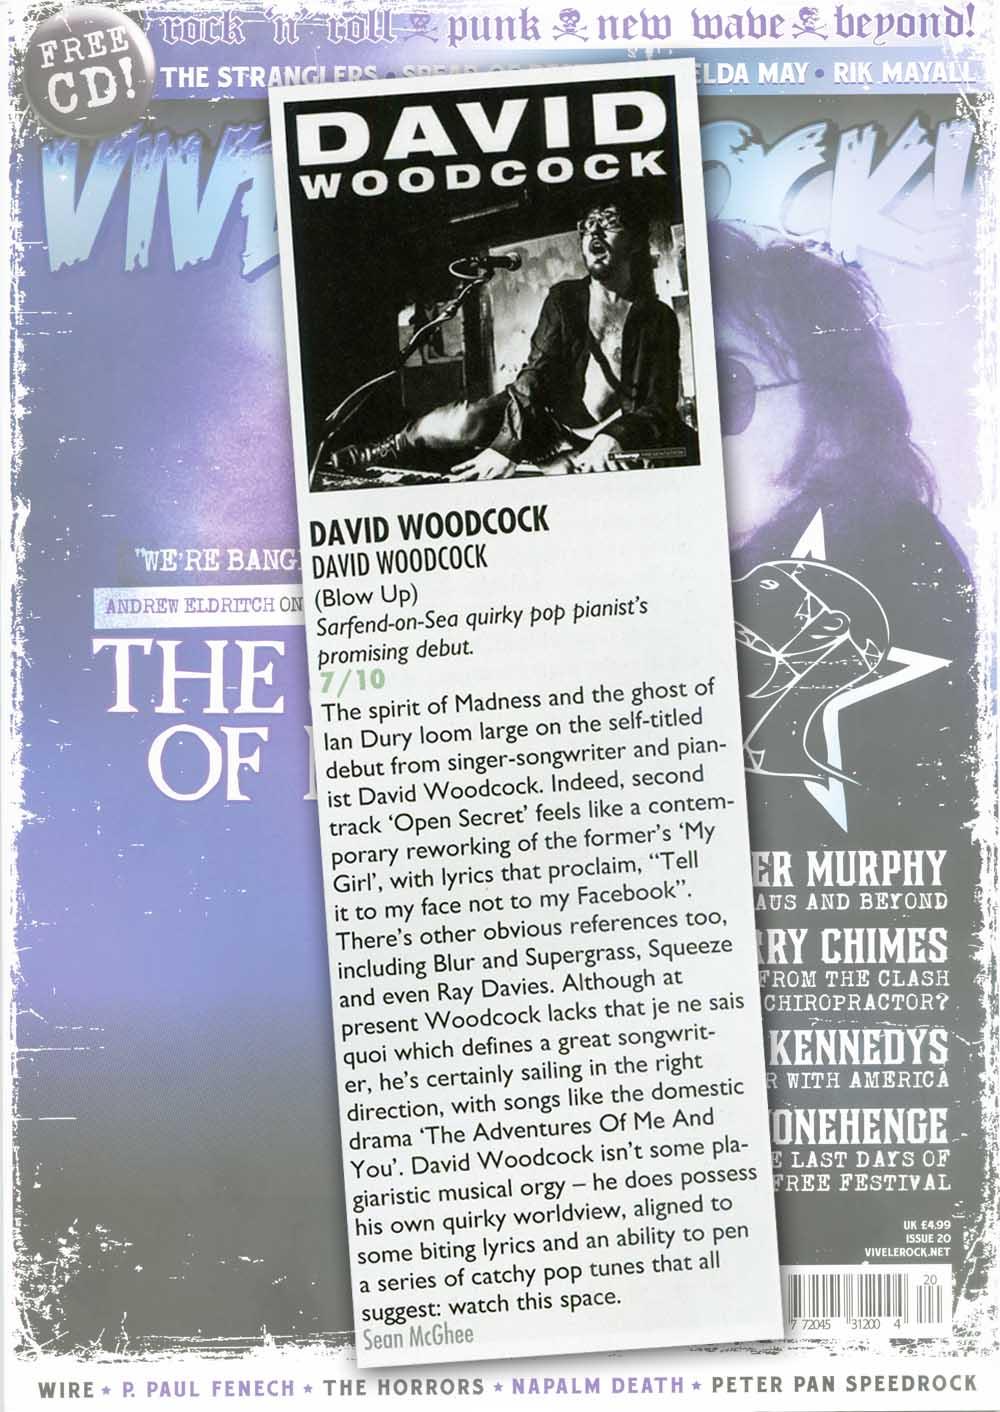 Vive Le Rock David Woodcock Album Review